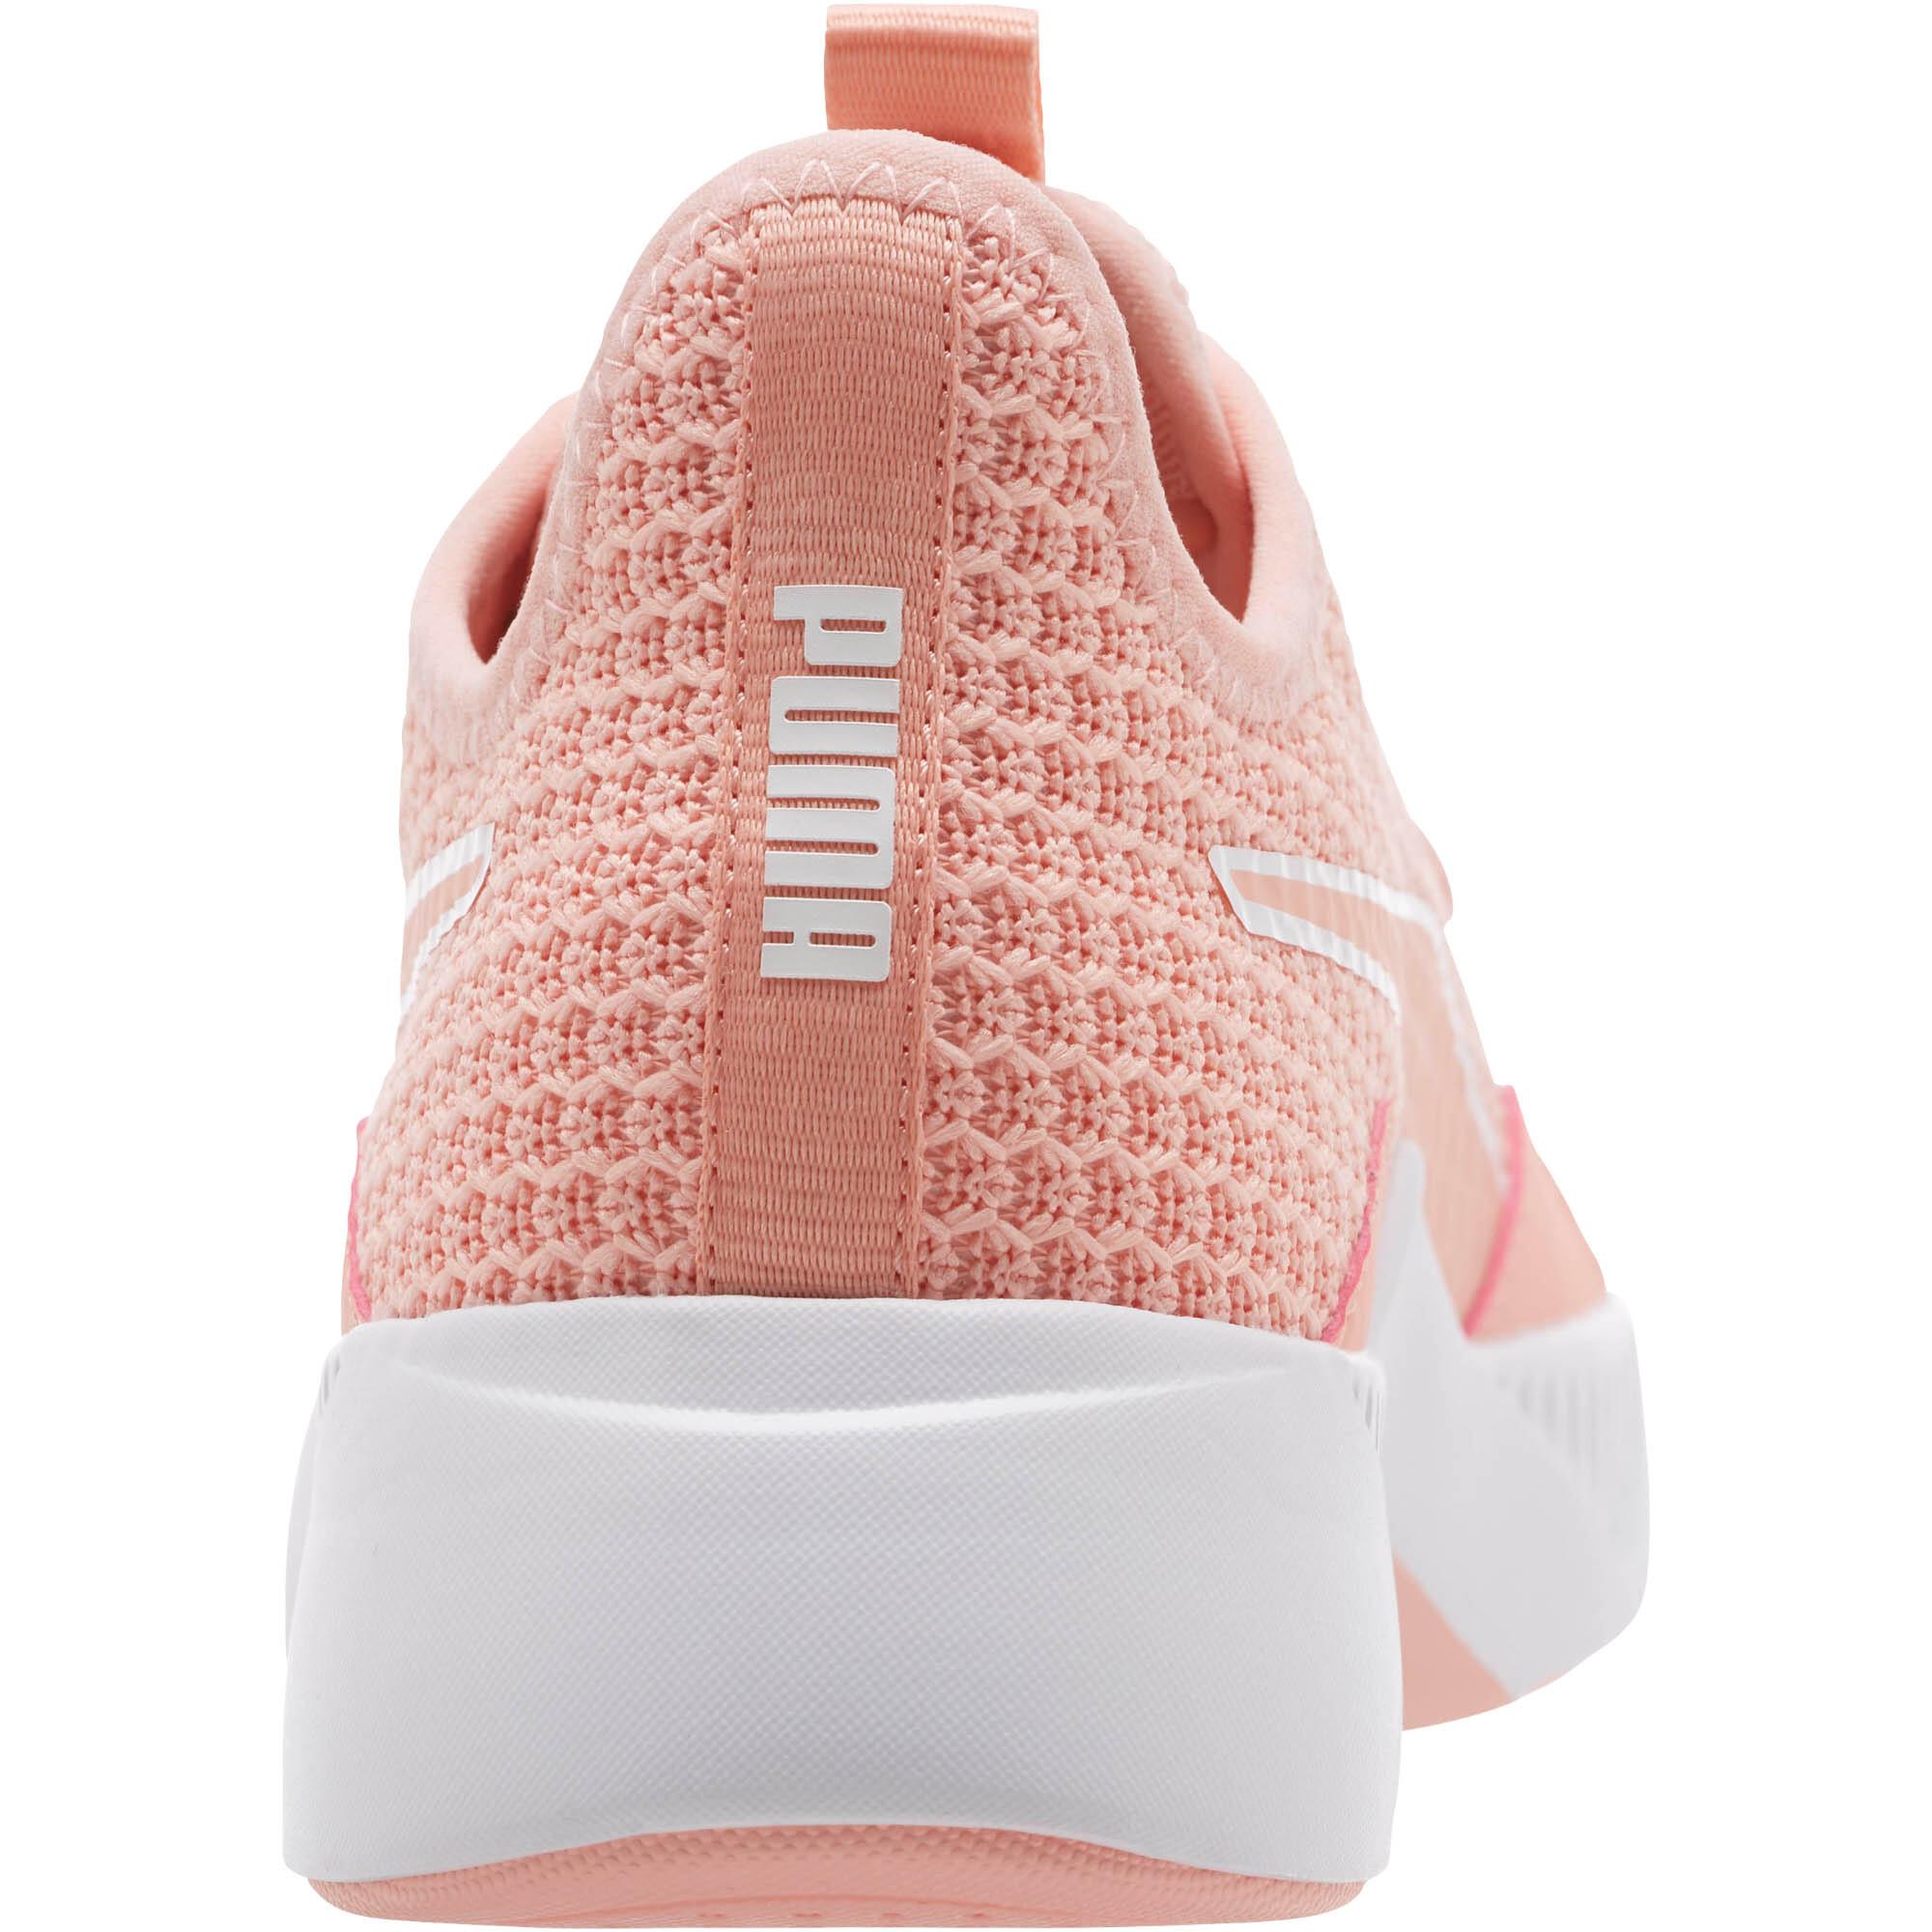 PUMA-Incite-FS-Women-039-s-Training-Shoes-Women-Shoe-Training thumbnail 16